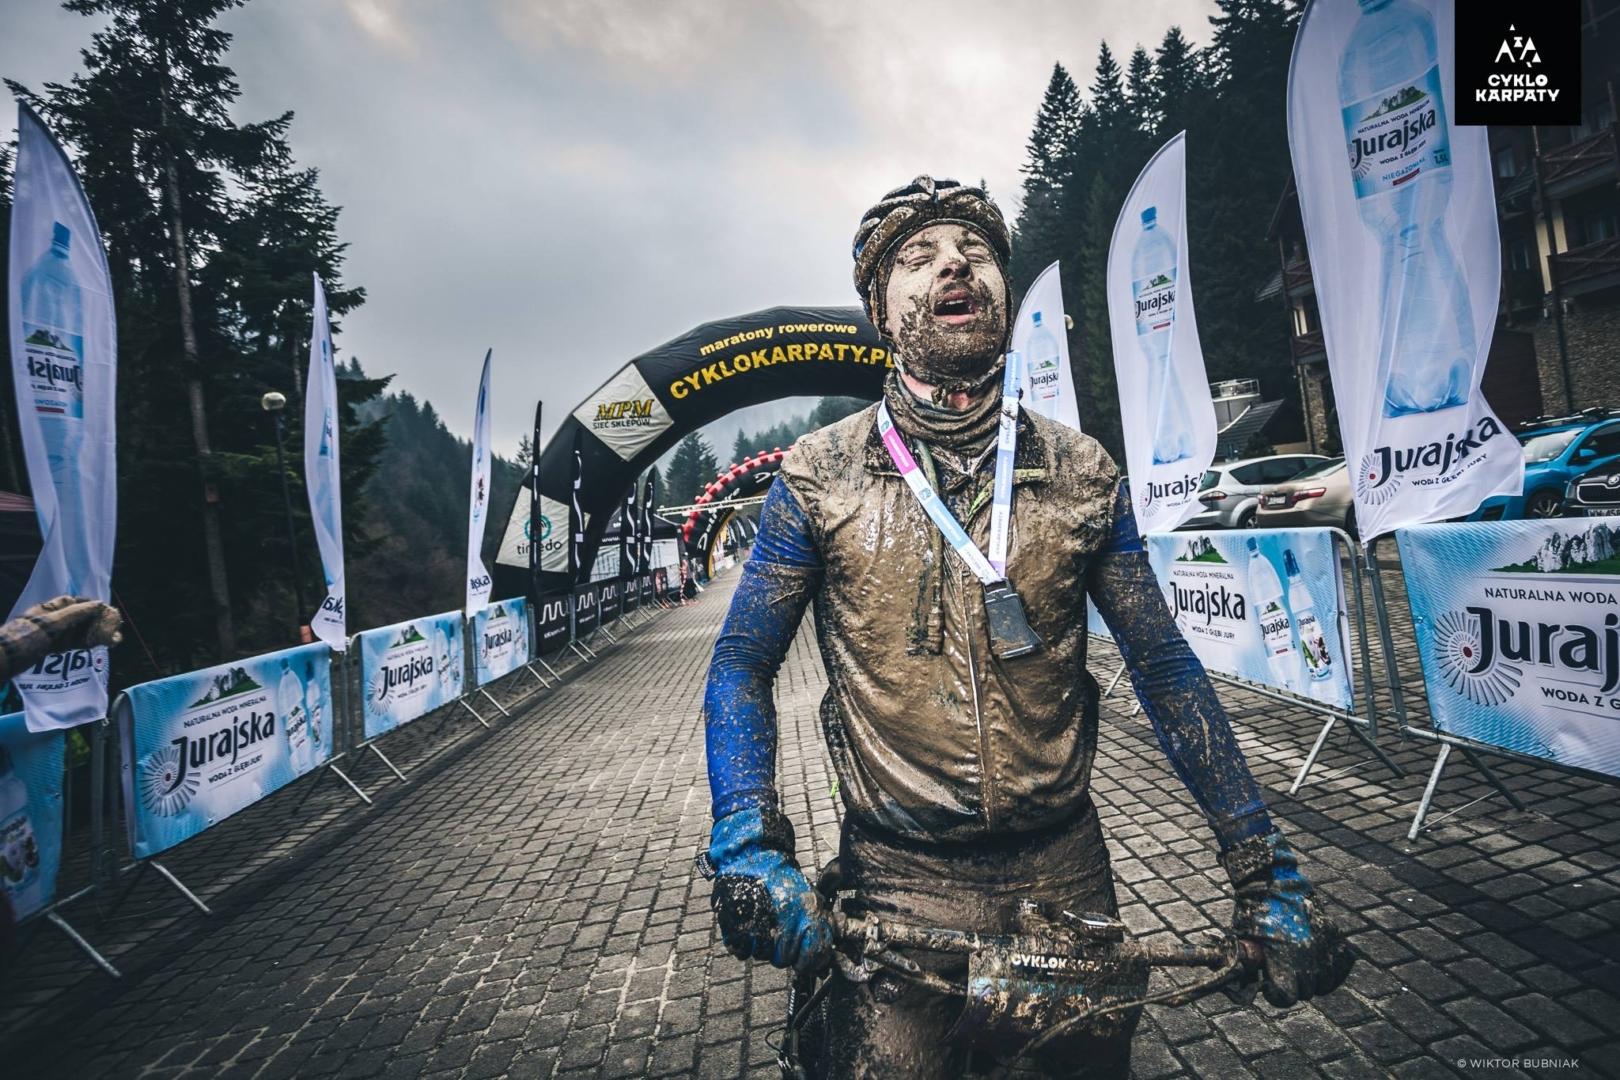 Jakub Solarz (UKS GK Four Bike) – Cyklokarpaty, Wierchomla